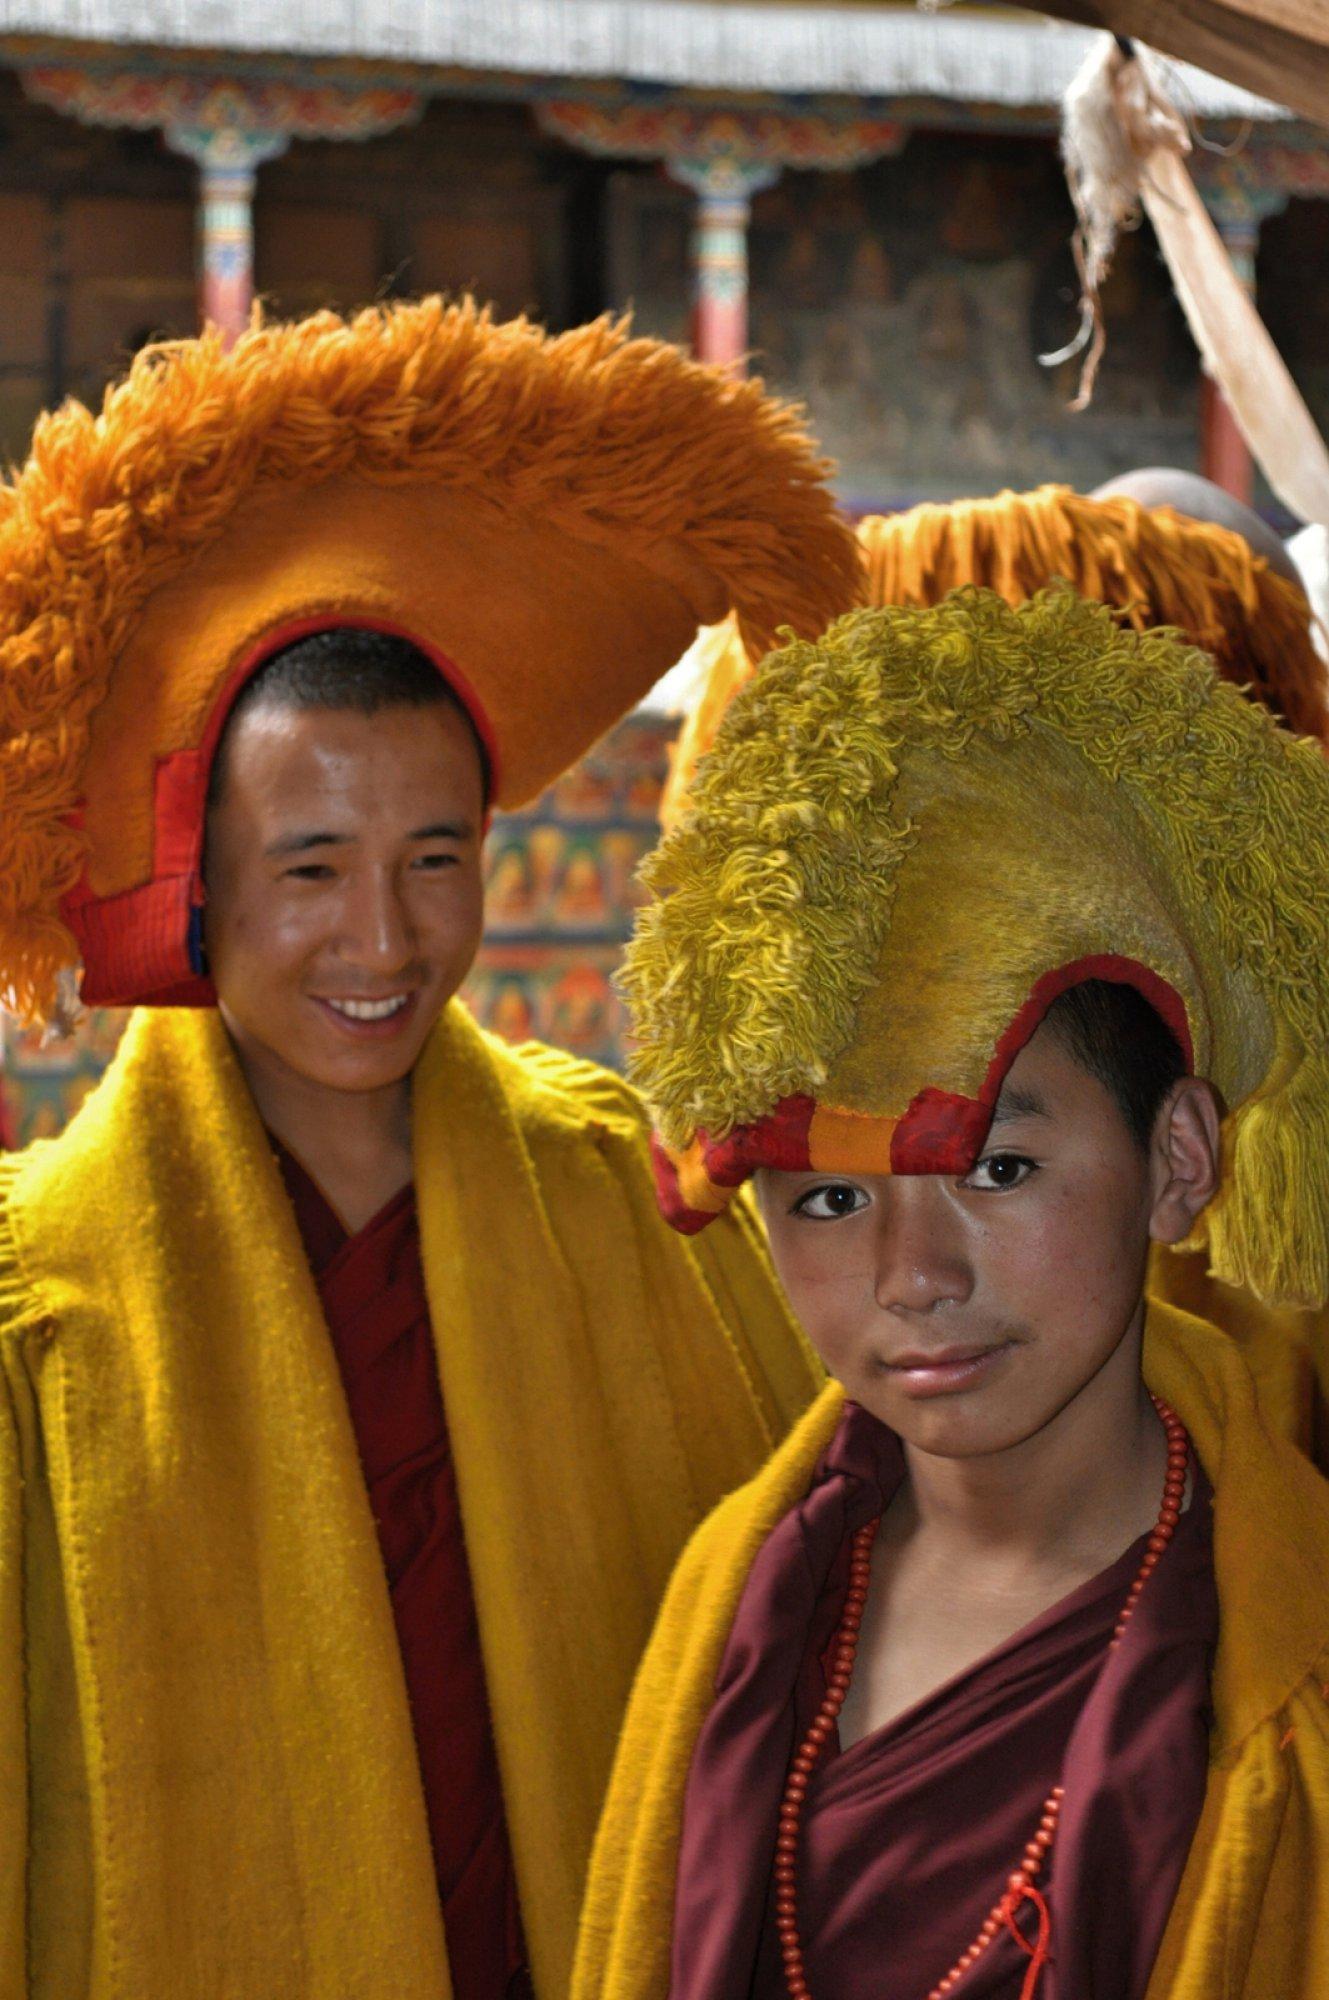 https://bubo.sk/uploads/galleries/16319/tibet-lhasa-miro-letasi-5-.jpg